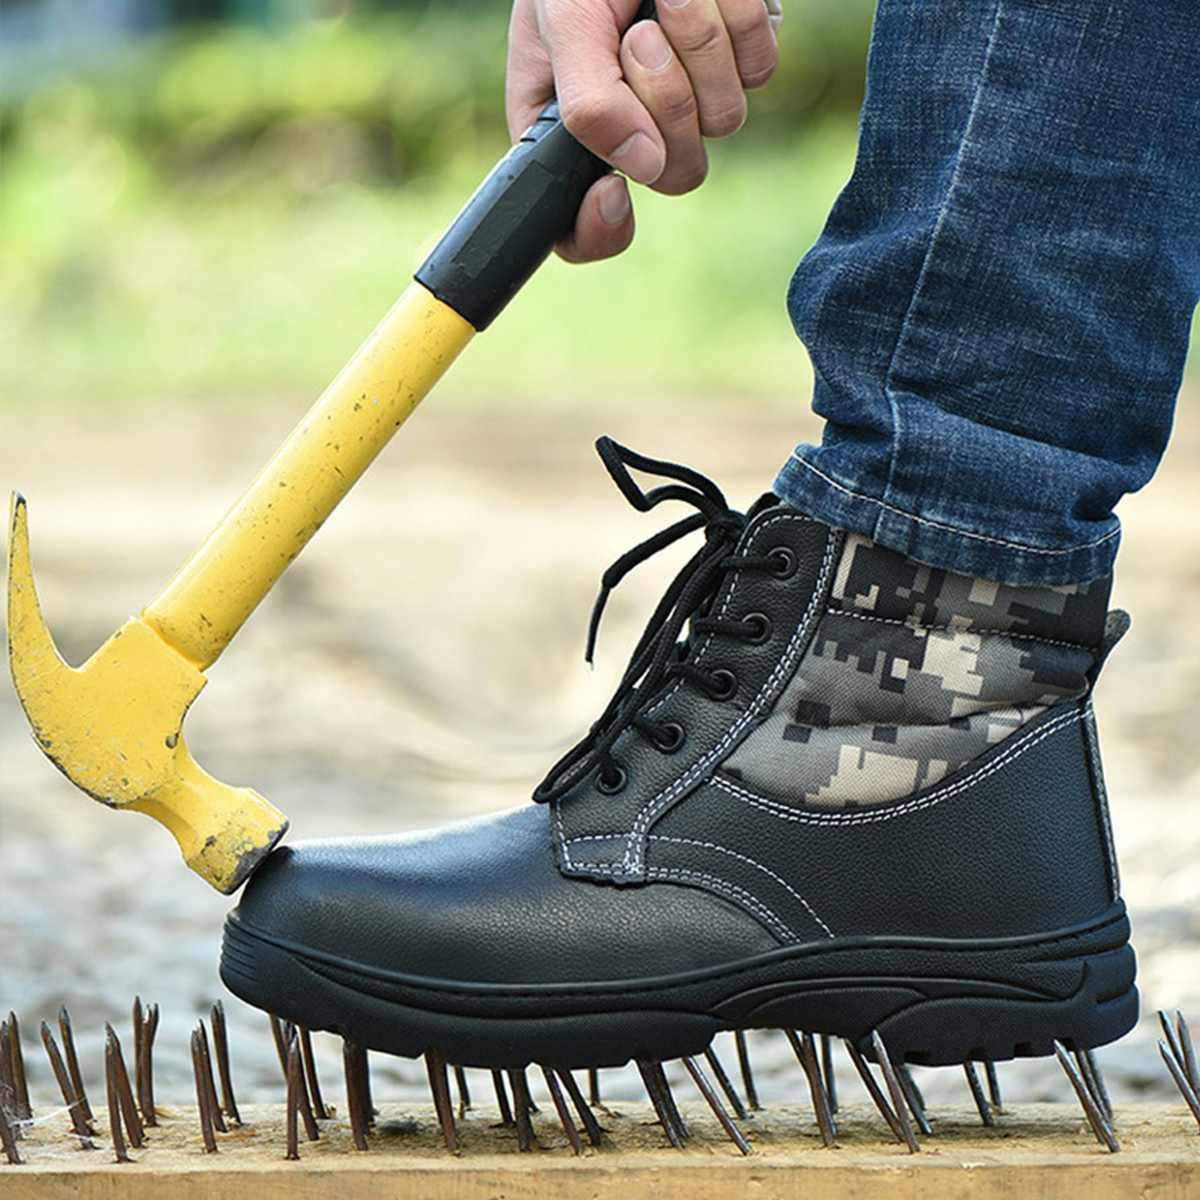 Camouflage Männer Arbeit Sicherheit Schuhe Atrego Stahl Kappe Anti-punktion Anti-smashing Arbeit Stiefel Industrielle Sicherheit Workshoes Turnschuhe